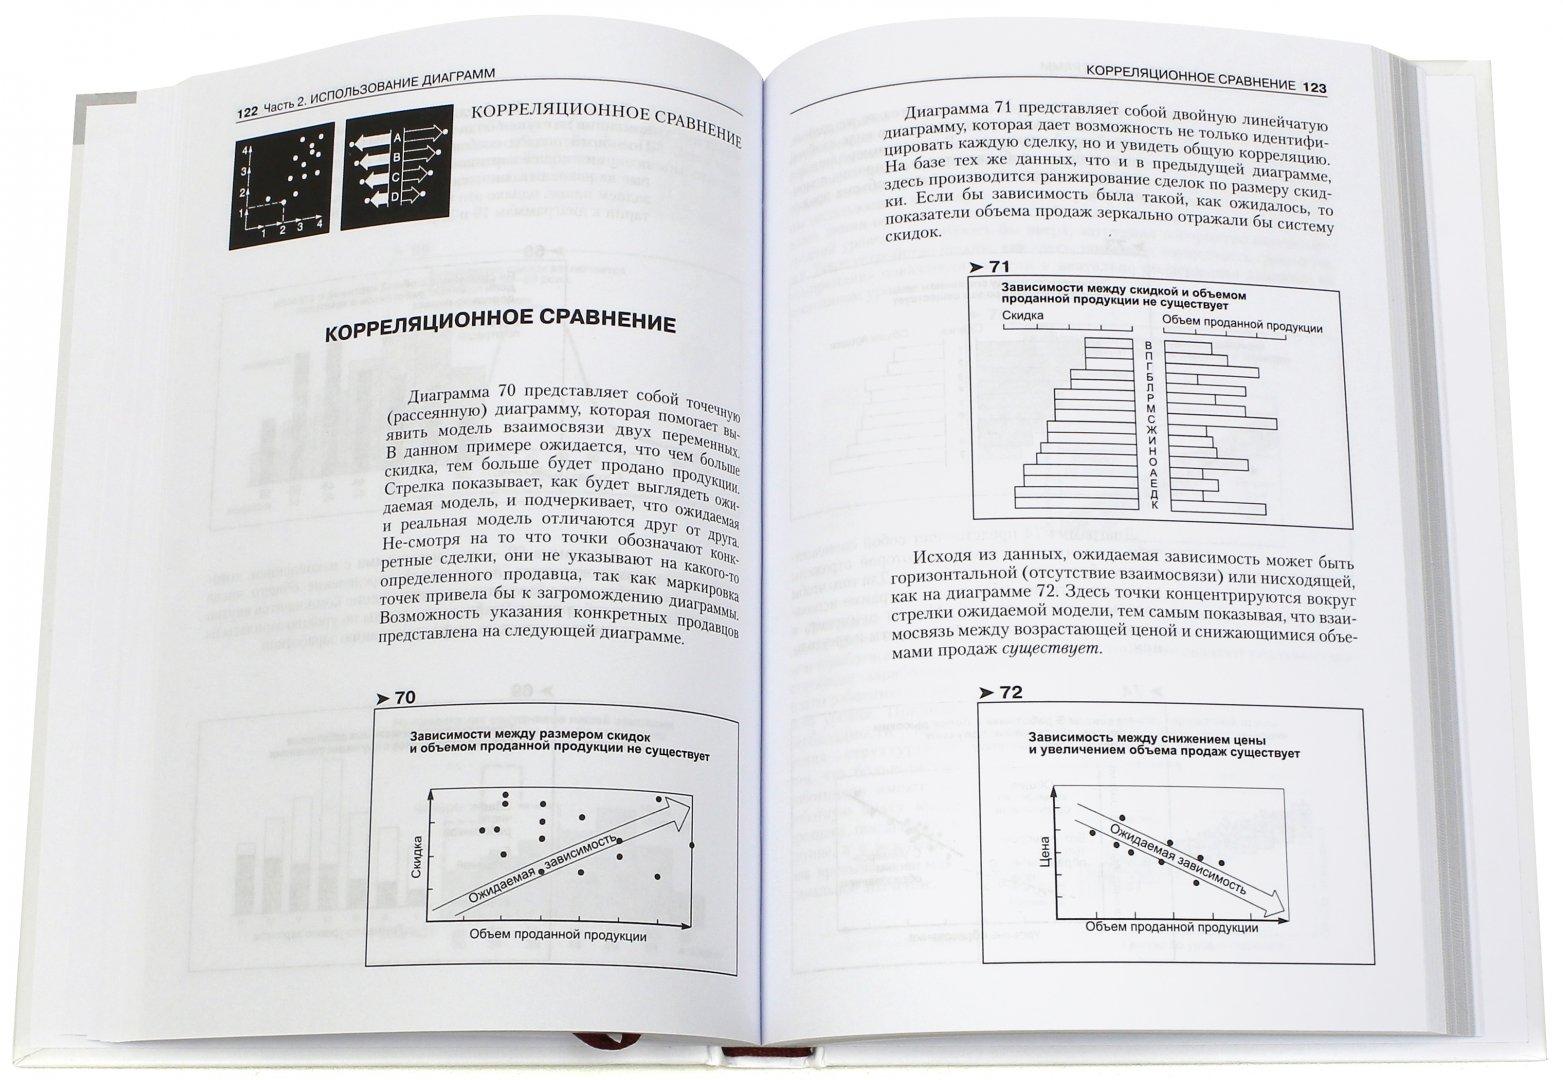 Иллюстрация 1 из 7 для Говори на языке диаграмм: Пособие по визуальным коммуникациям - Джин Желязны | Лабиринт - книги. Источник: Лабиринт